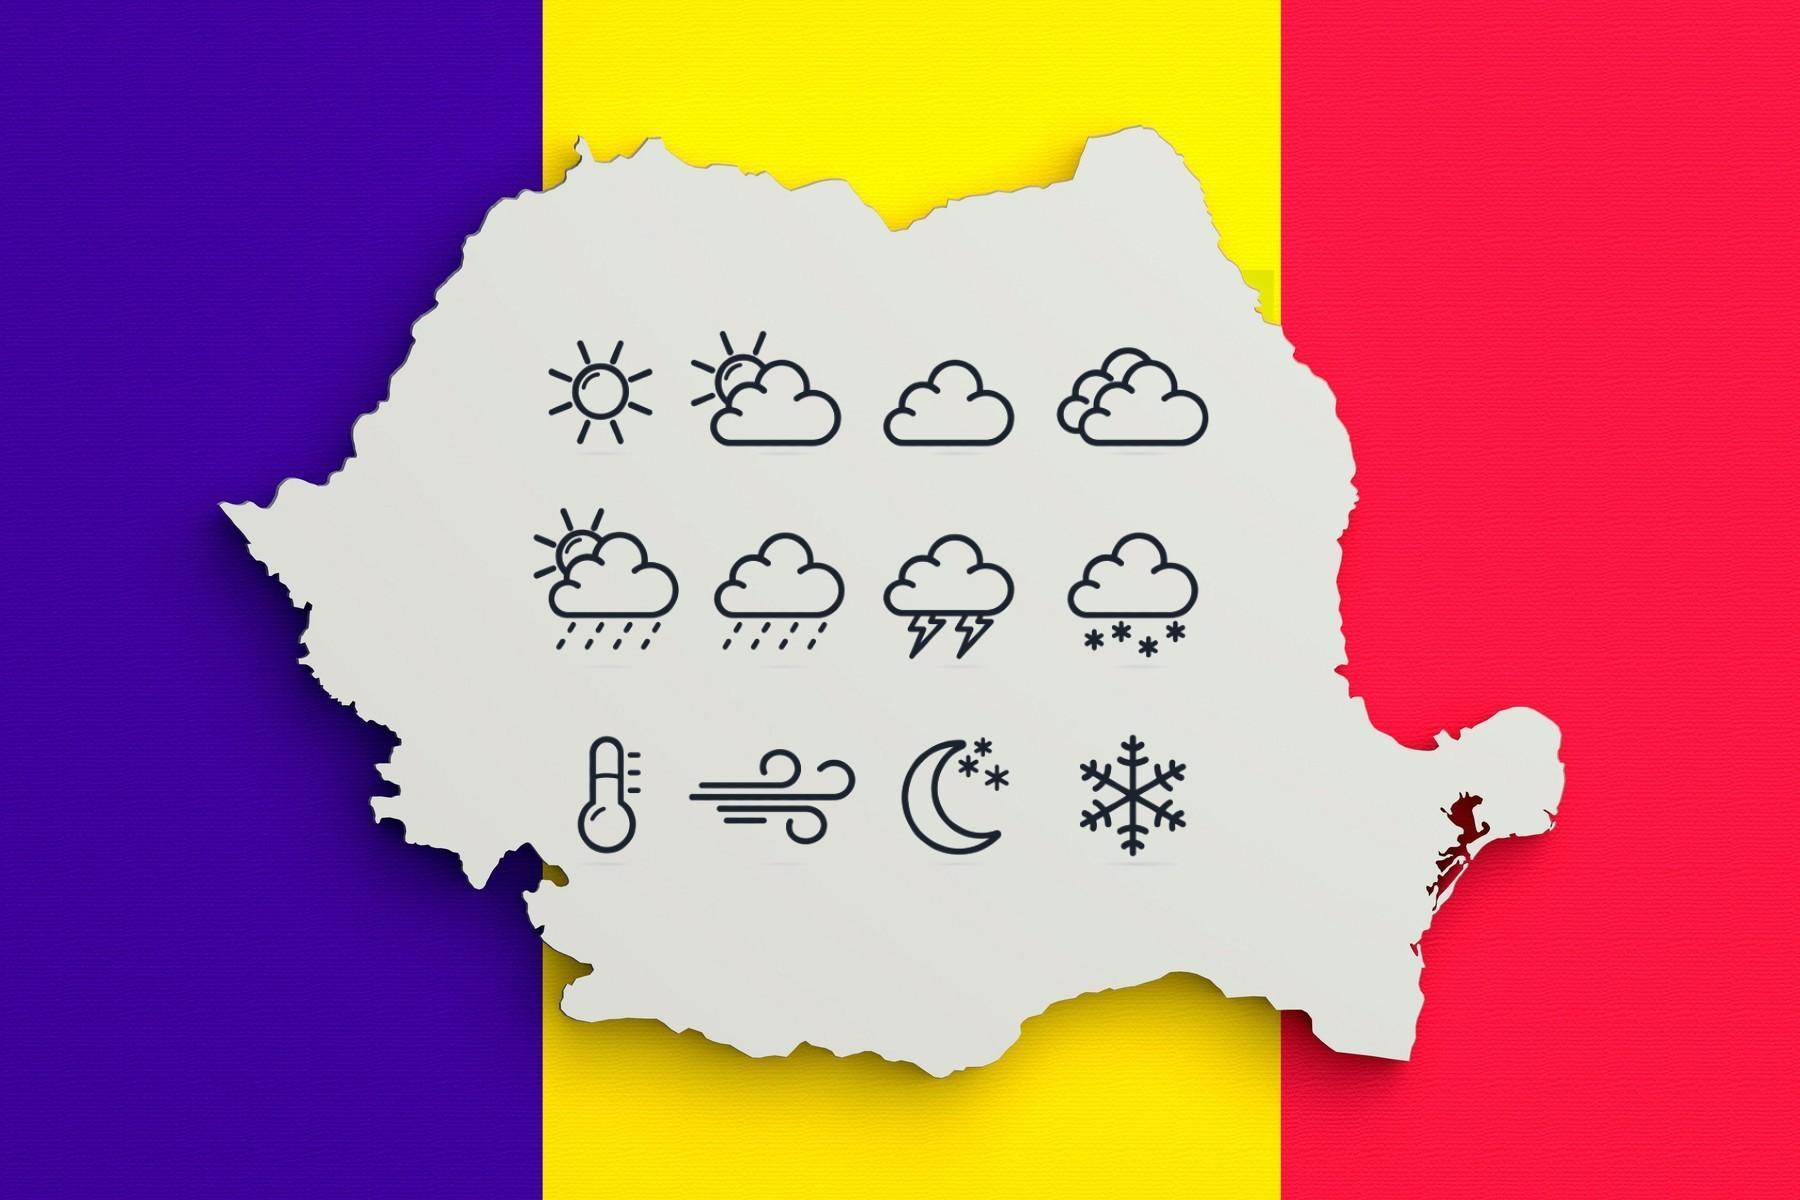 Prognoză meteo 17 noiembrie 2020. Cum e vremea în România și care sunt previziunile ANM pentru astăzi